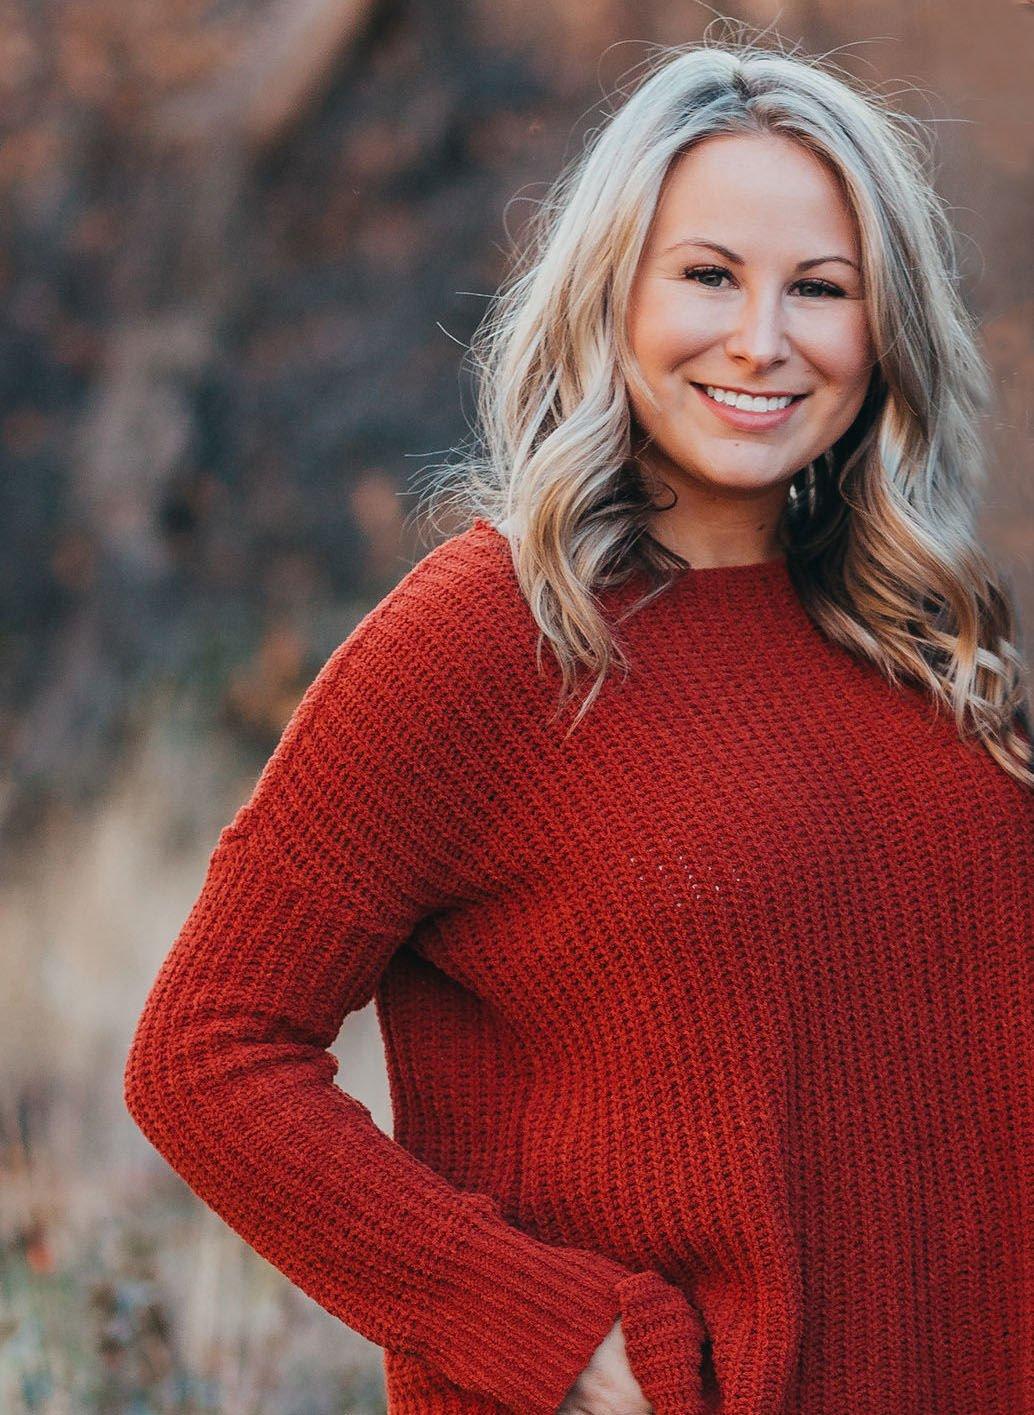 Ashley LaRiviere